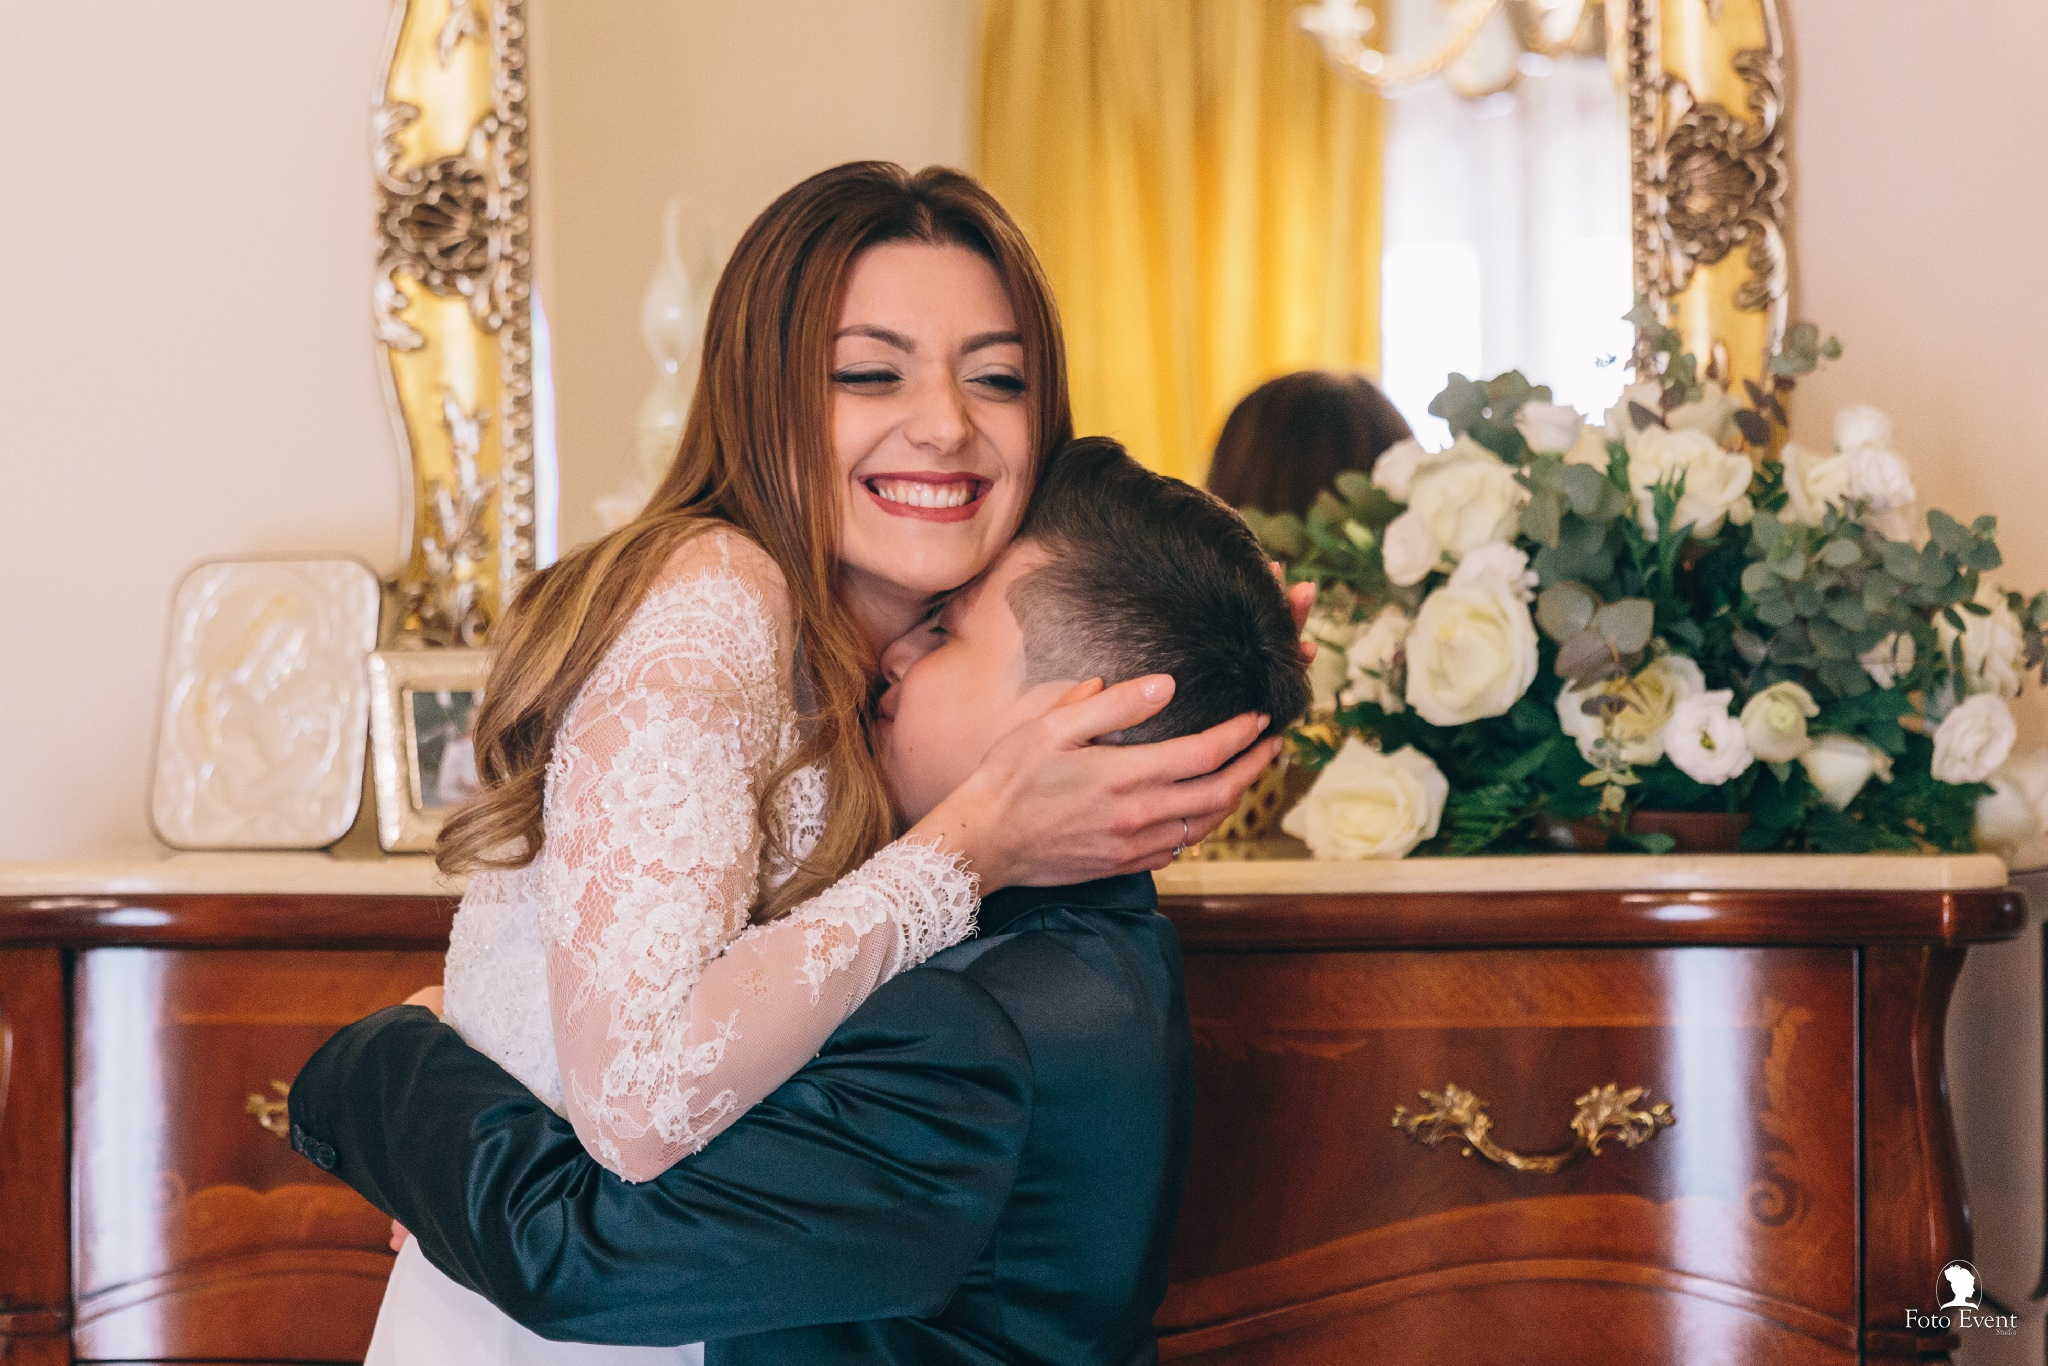 201-2019-05-09-Matrimonio-Maria-Concetta-e-Daniel-Gebbia-5DE-517